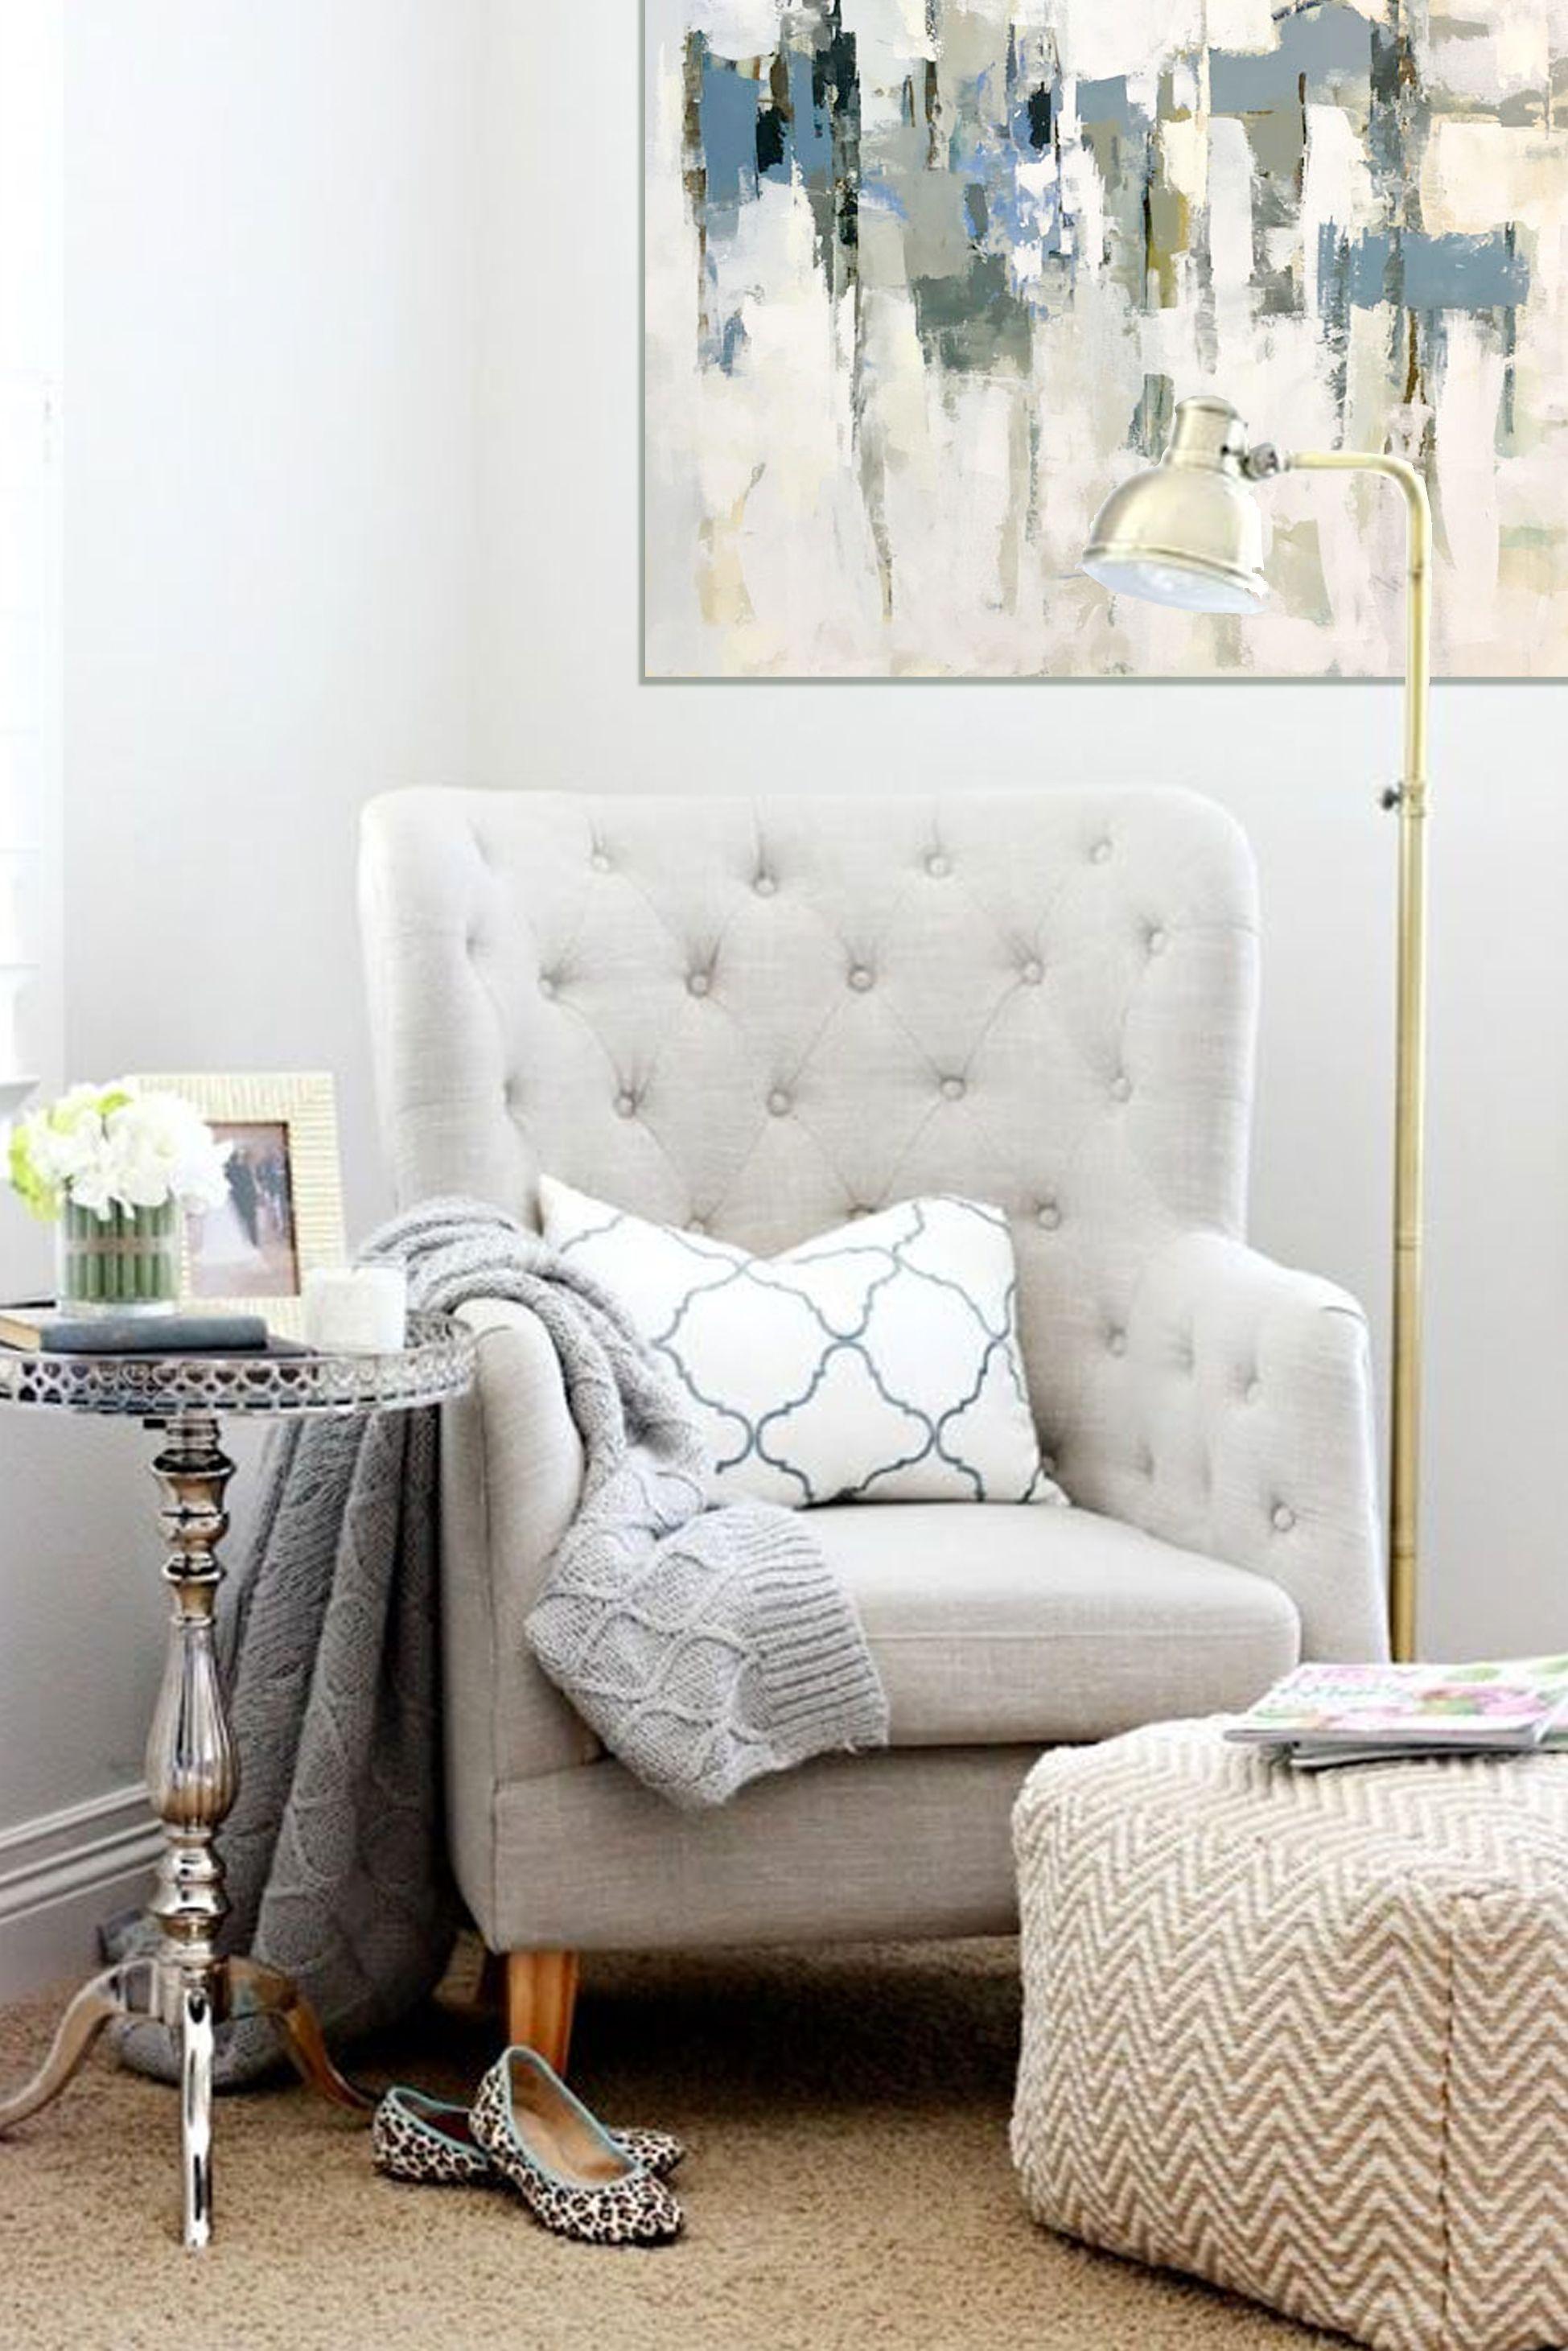 Contemporary Home Decor And Lighting Ideas, Interior Designers Works Design